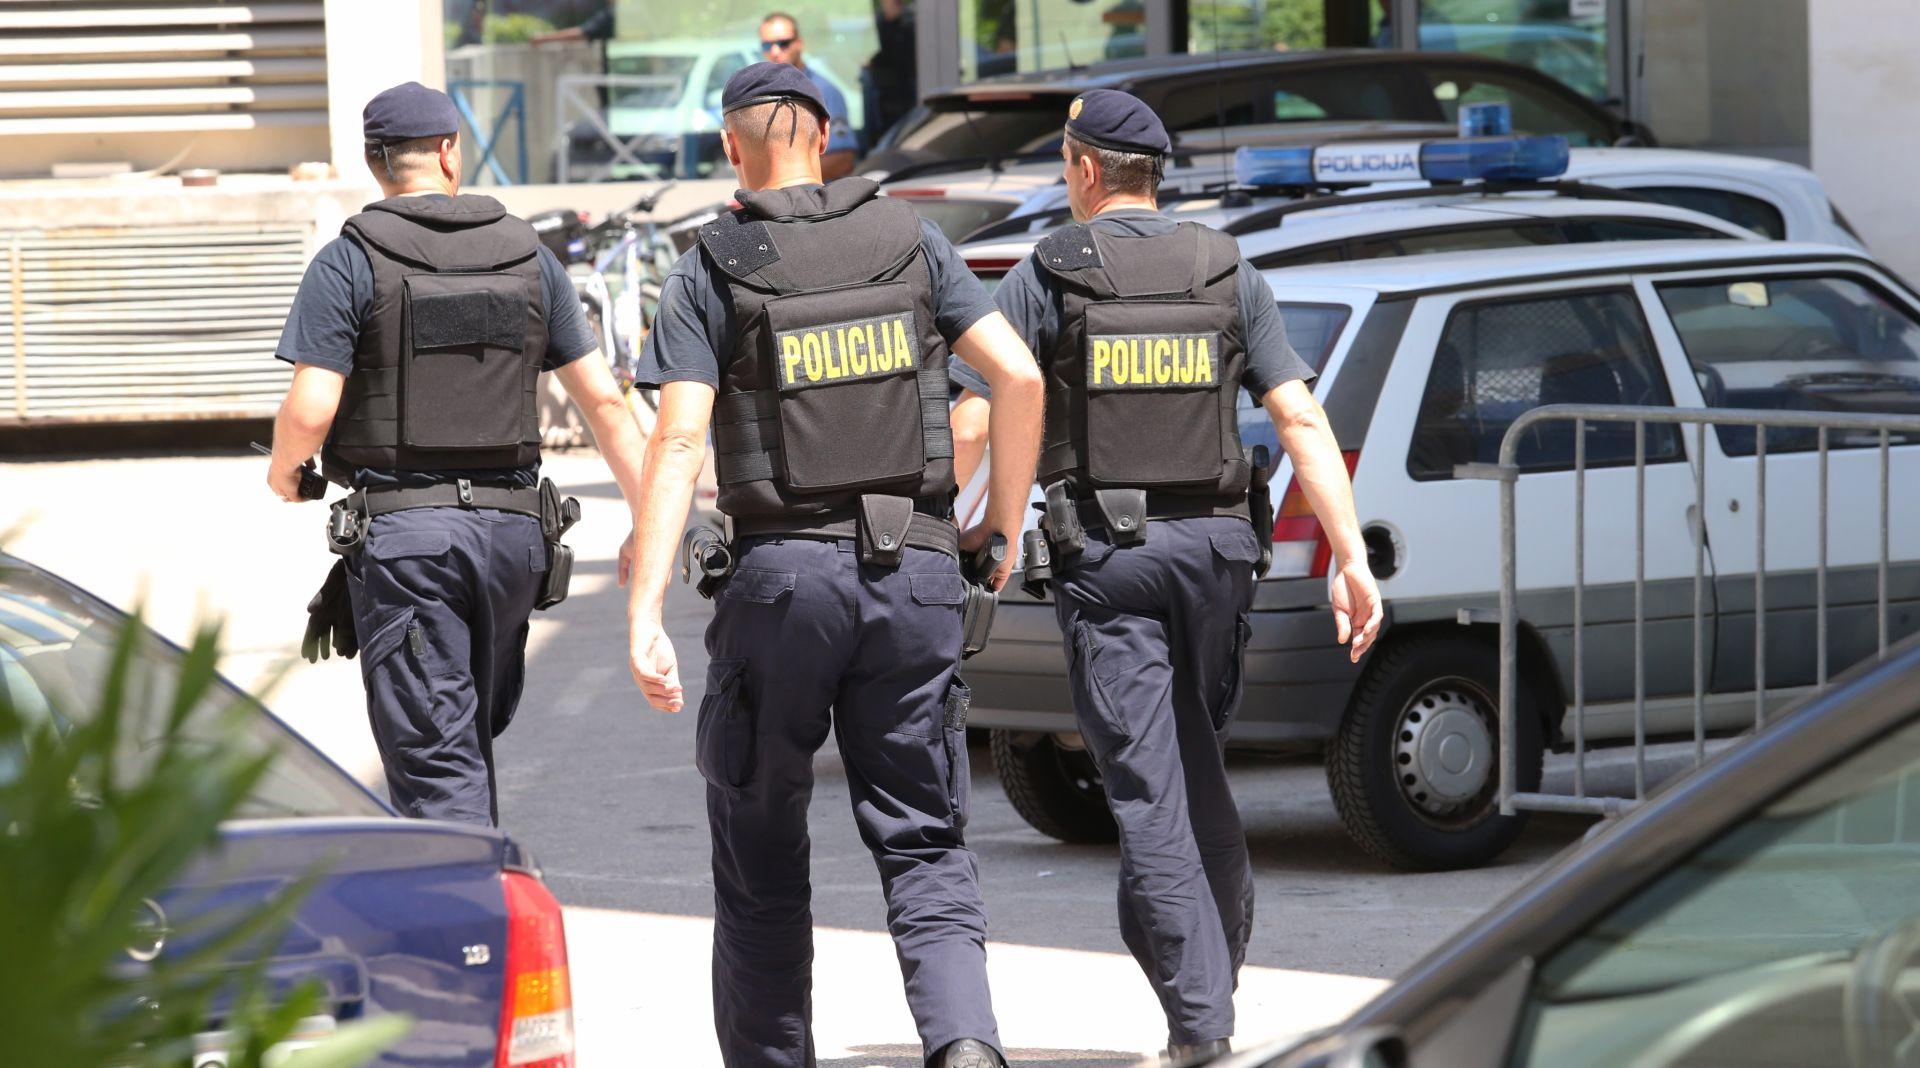 OČEKUJE SE SUĐENJE: Potvrđena optužnica protiv kapetana Dragana